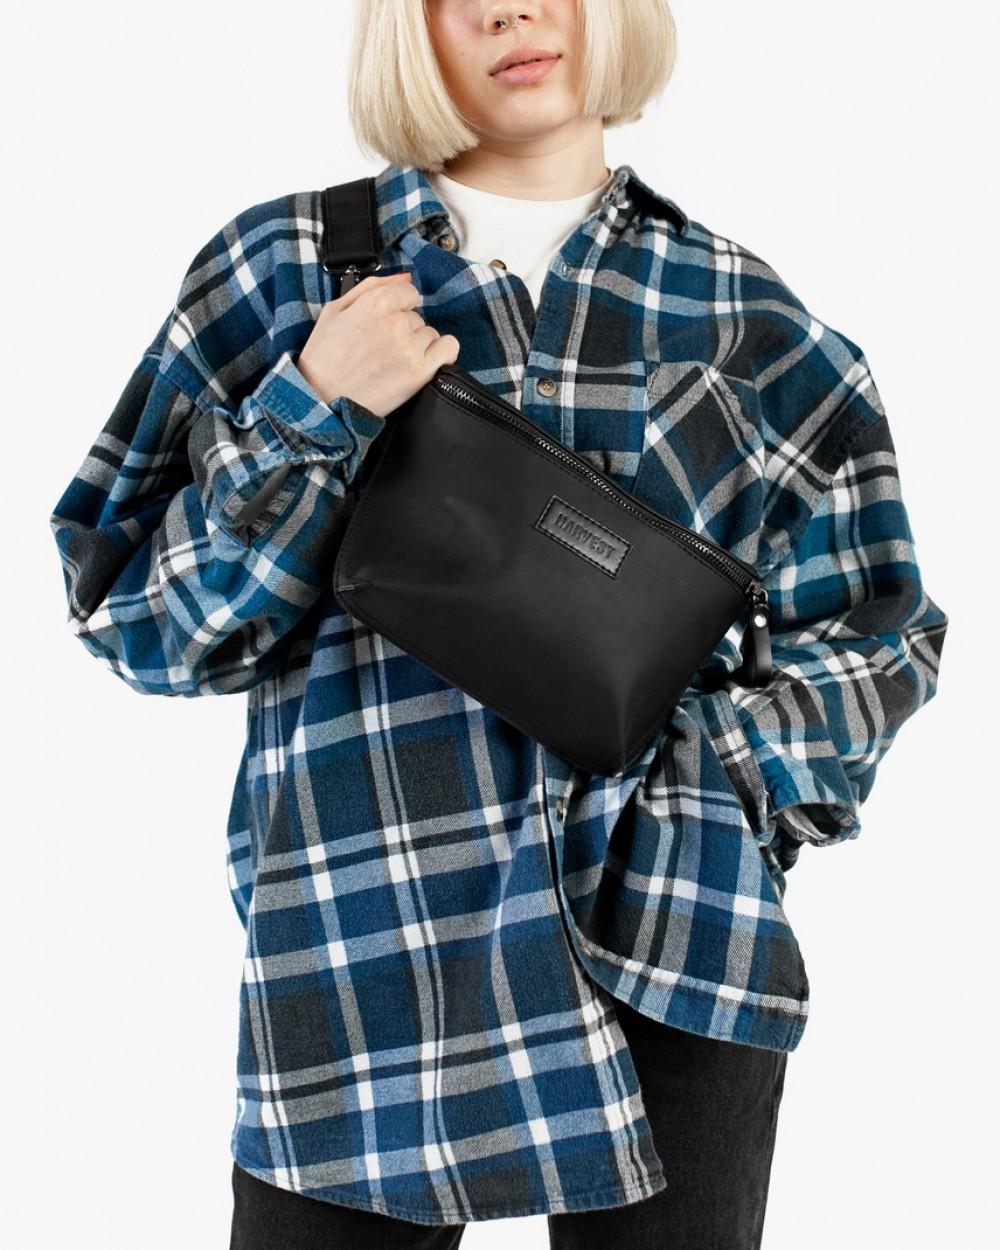 """Поясная сумка """"STONE"""" нубук, черная, на 3л, унисекс, повседневный, спортивный, экокожа, Harvest"""